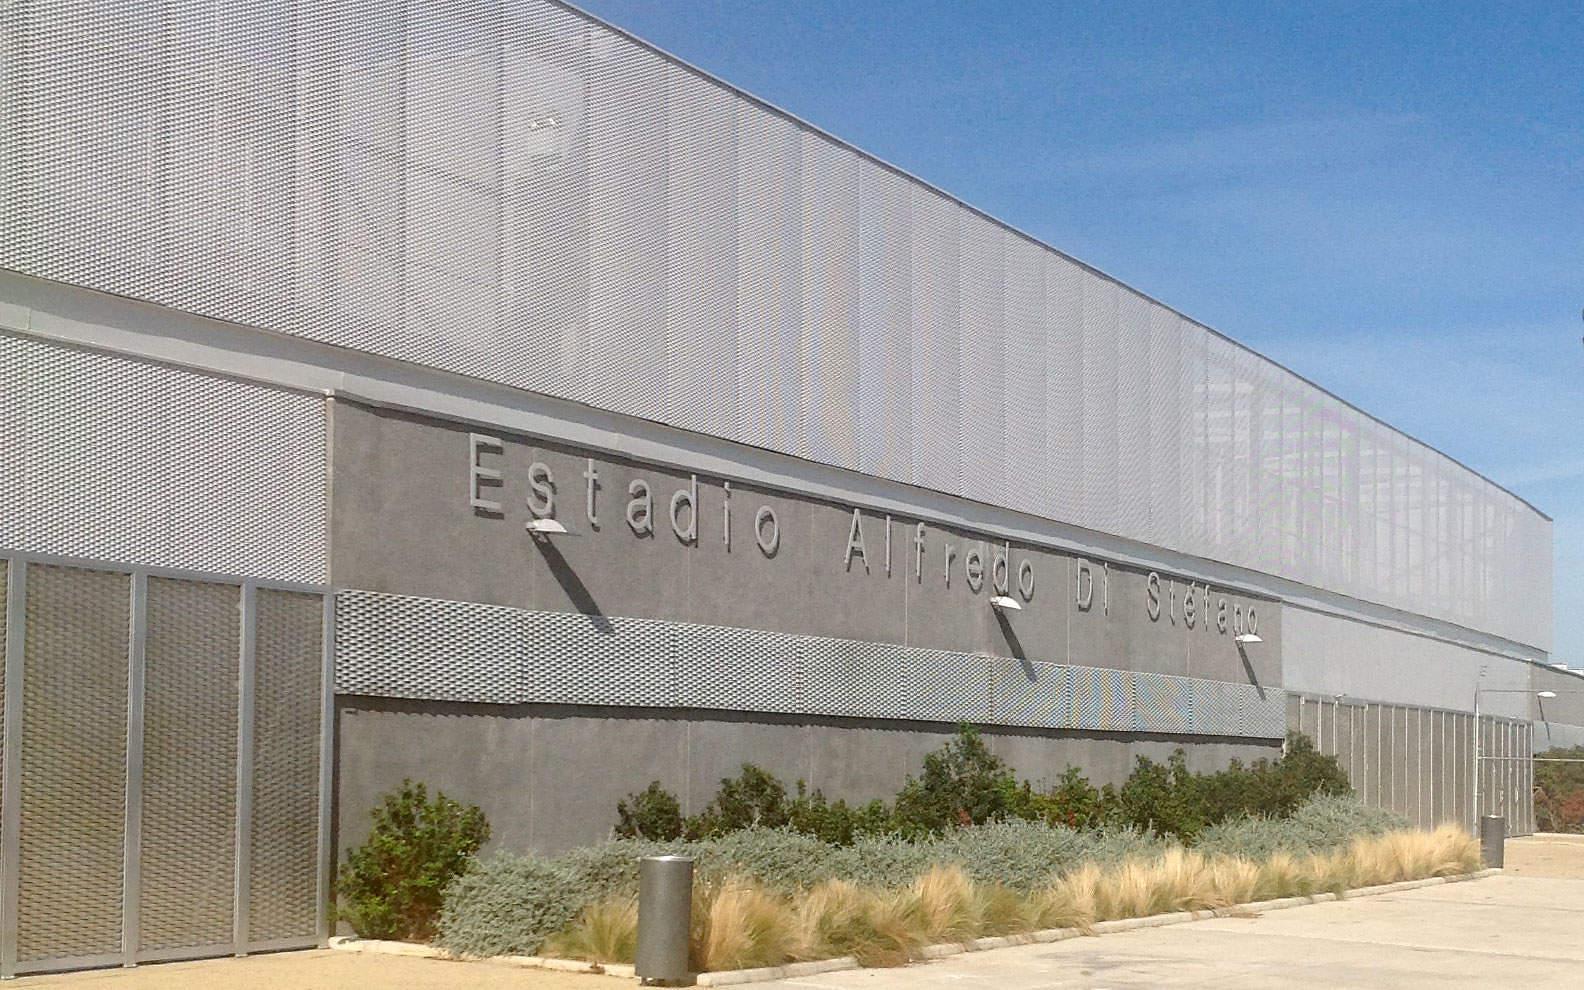 Ampliación en el lateral de la Ciudad deportiva Real Madrid